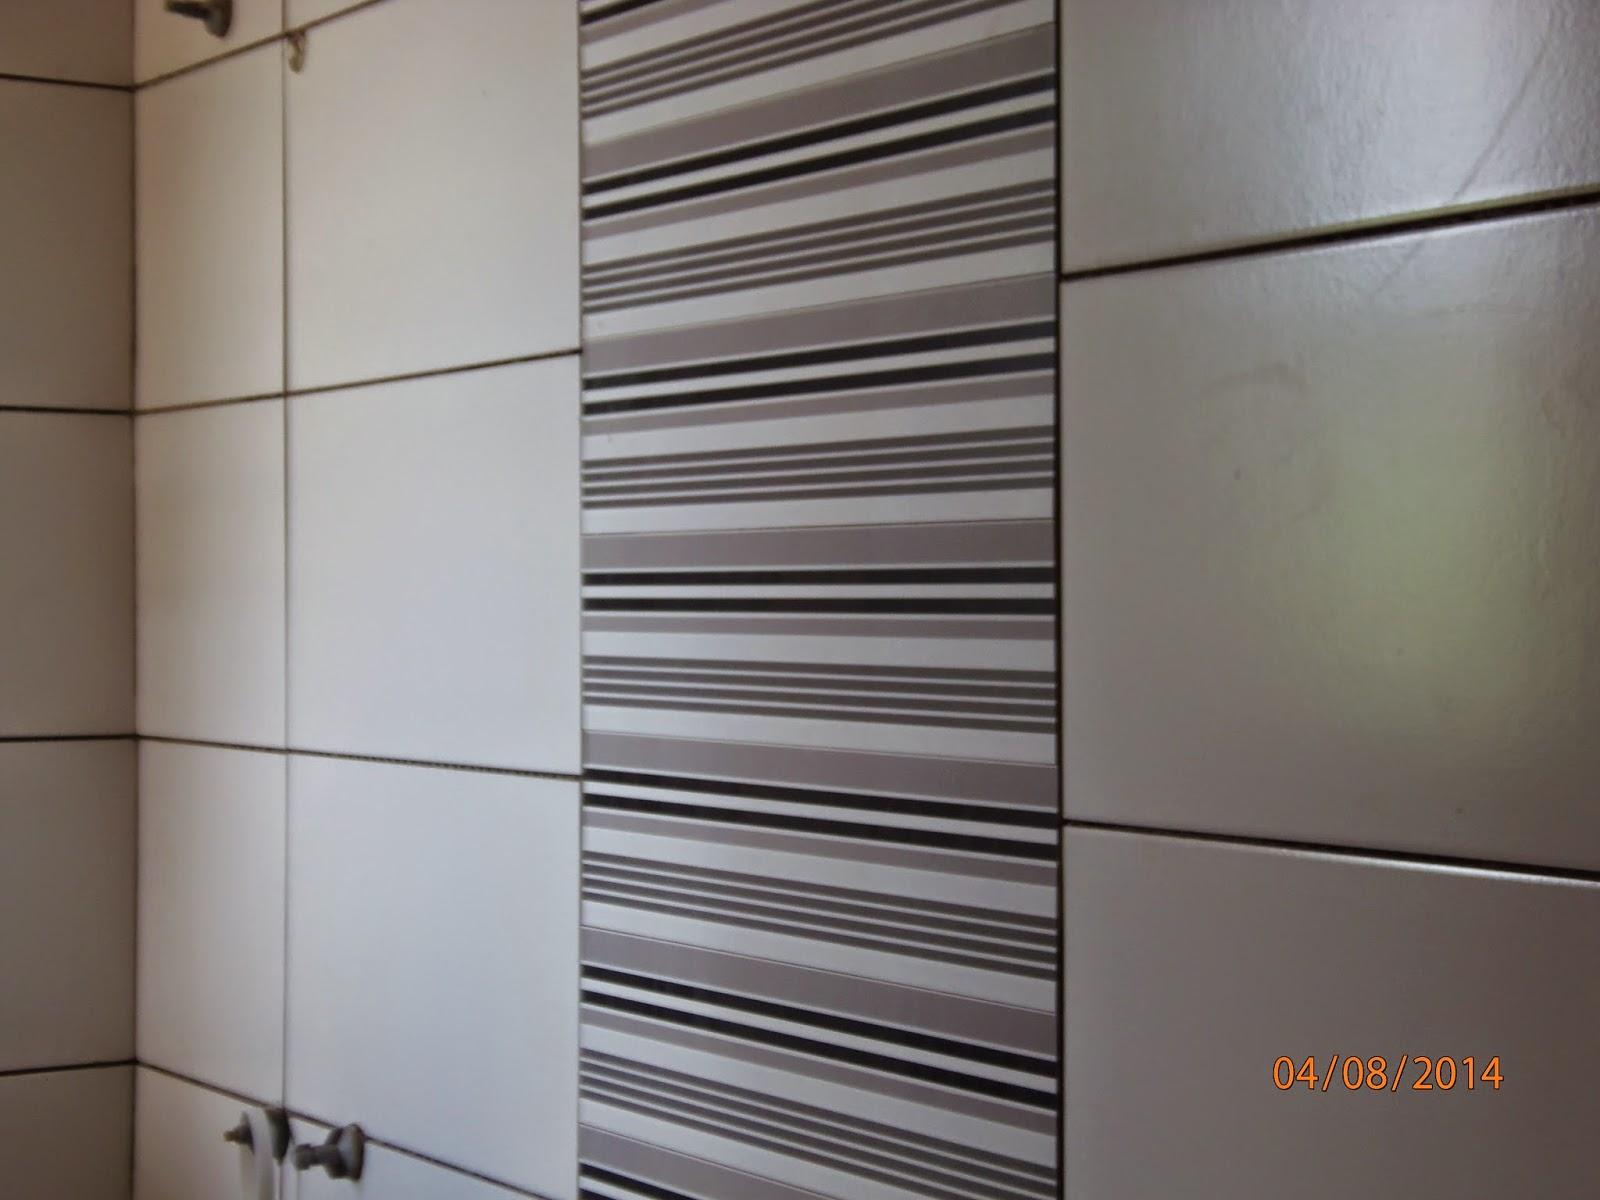 Detalhe da faixa que fica atrás do caso sanitário.Esqueci de #5C4F46 1600x1200 Banheiro Branco Preto E Cinza